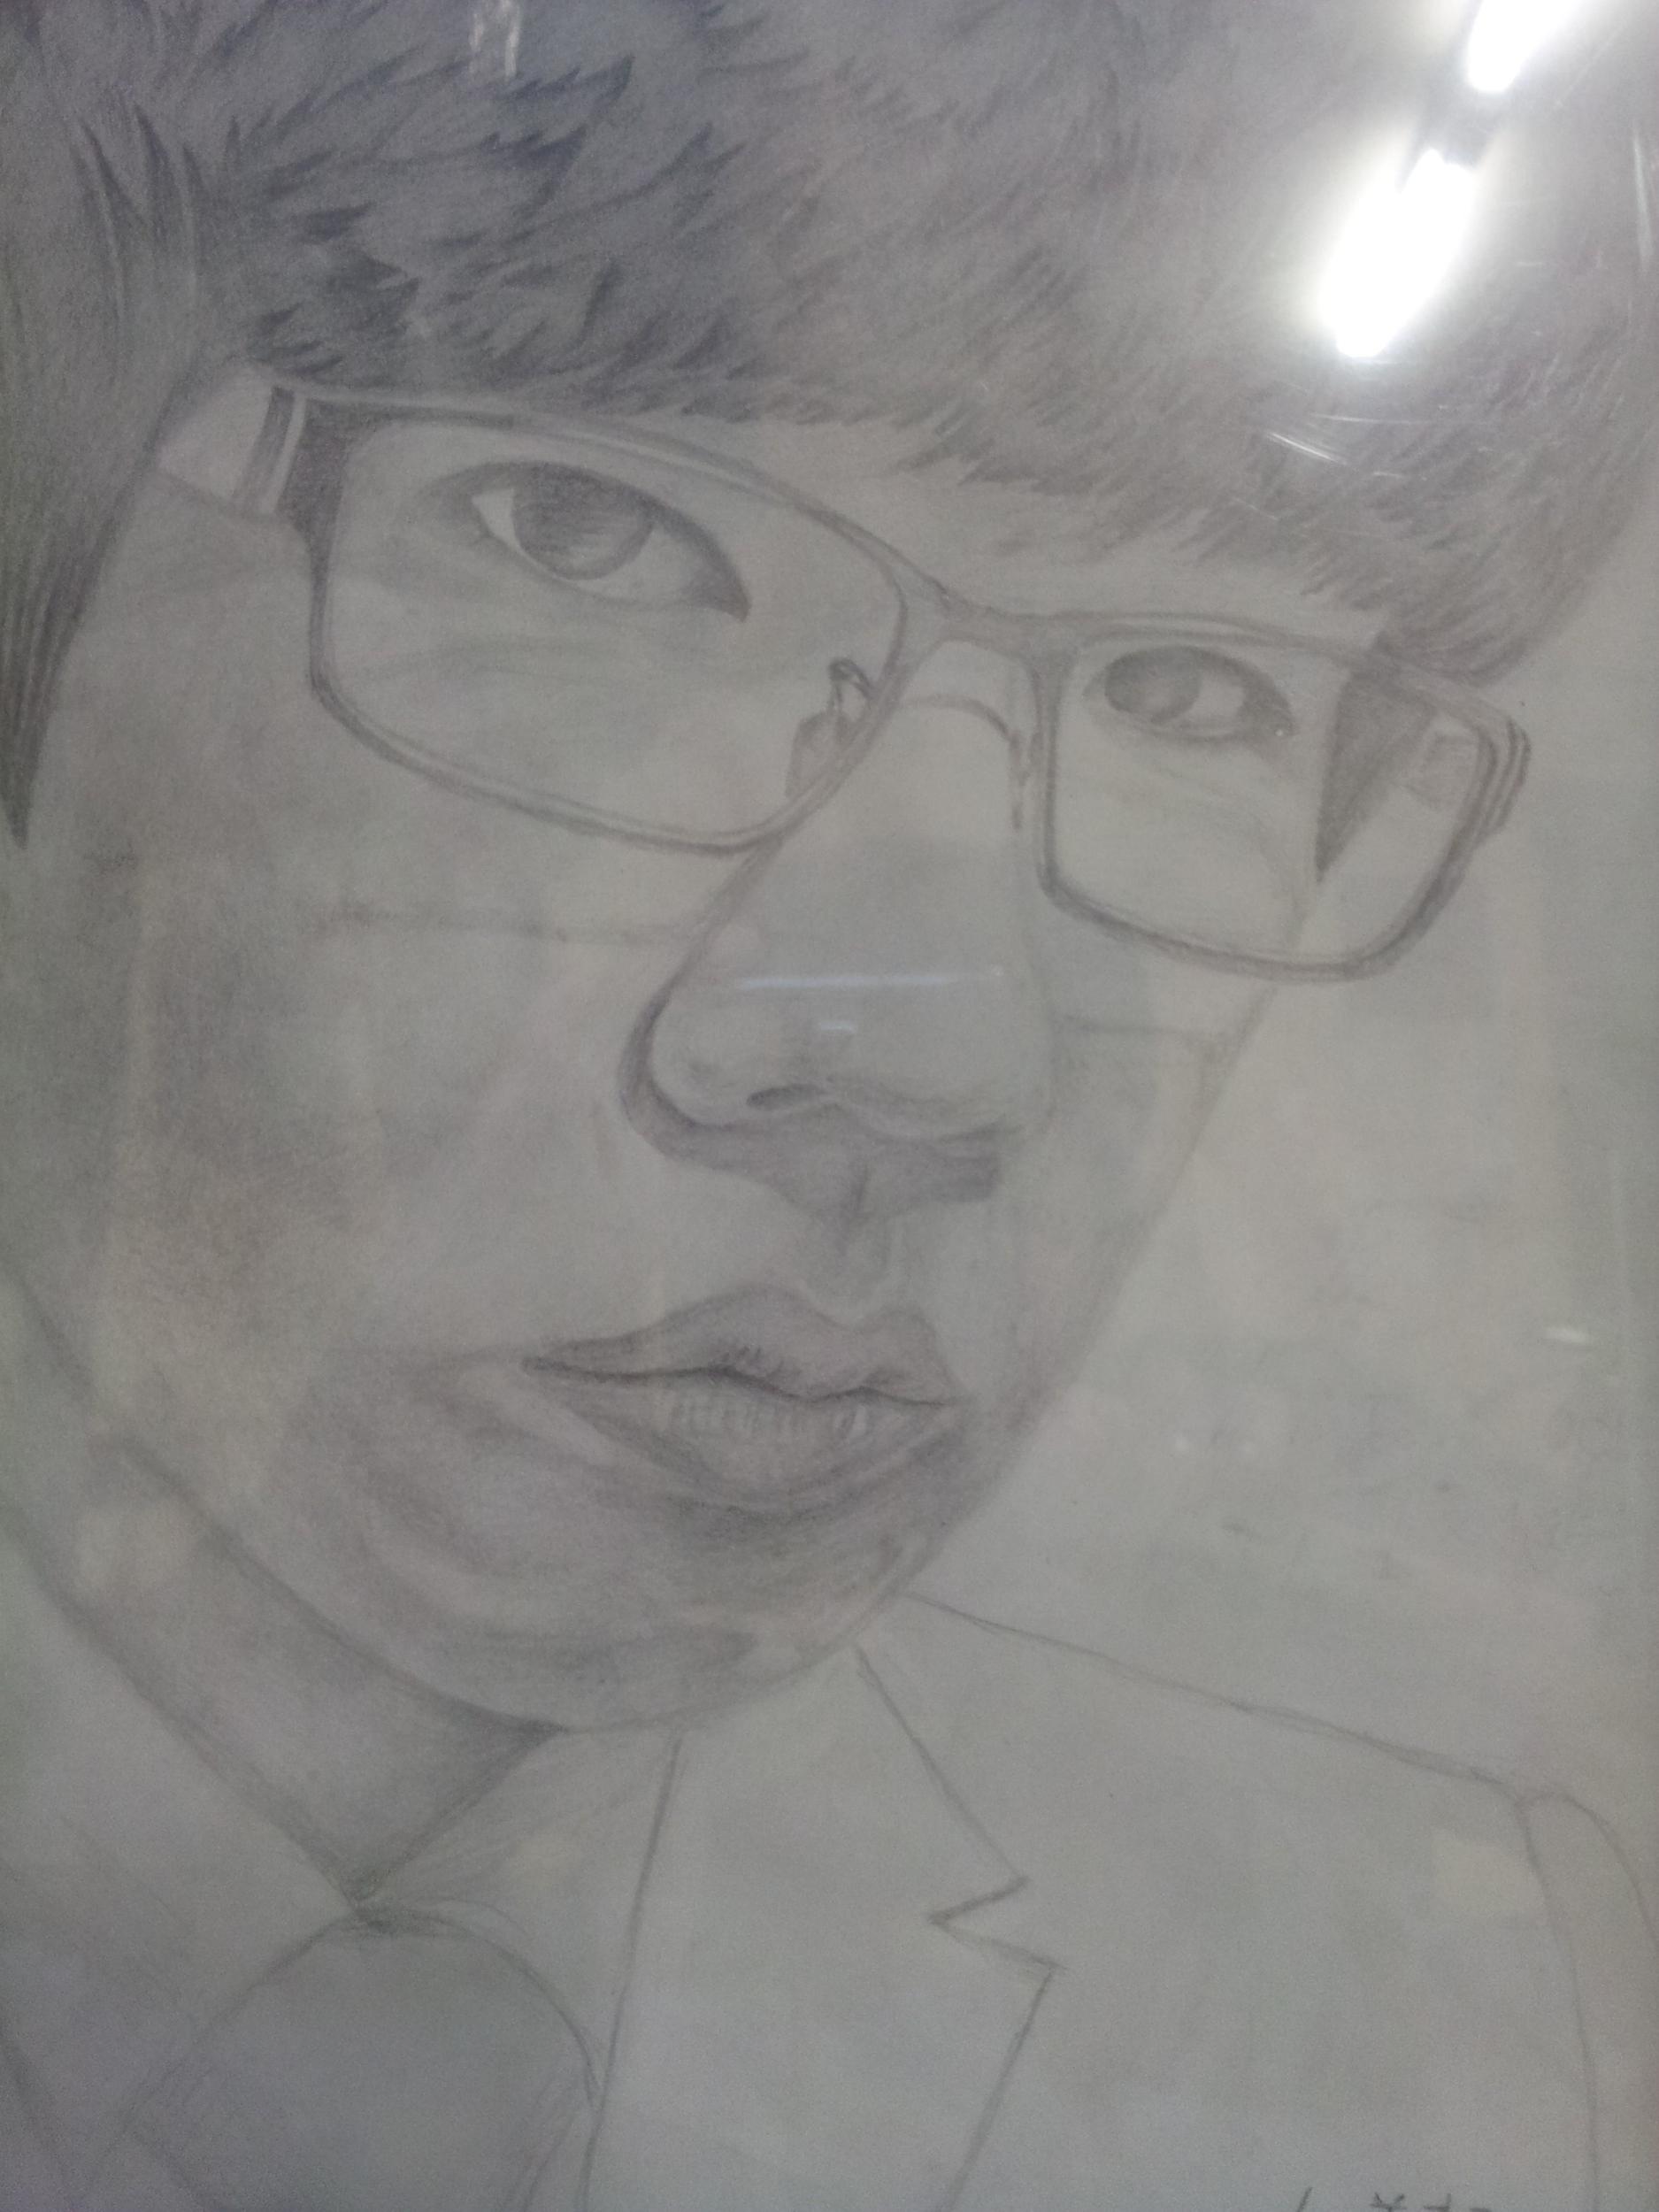 seunghyun shin.jpg